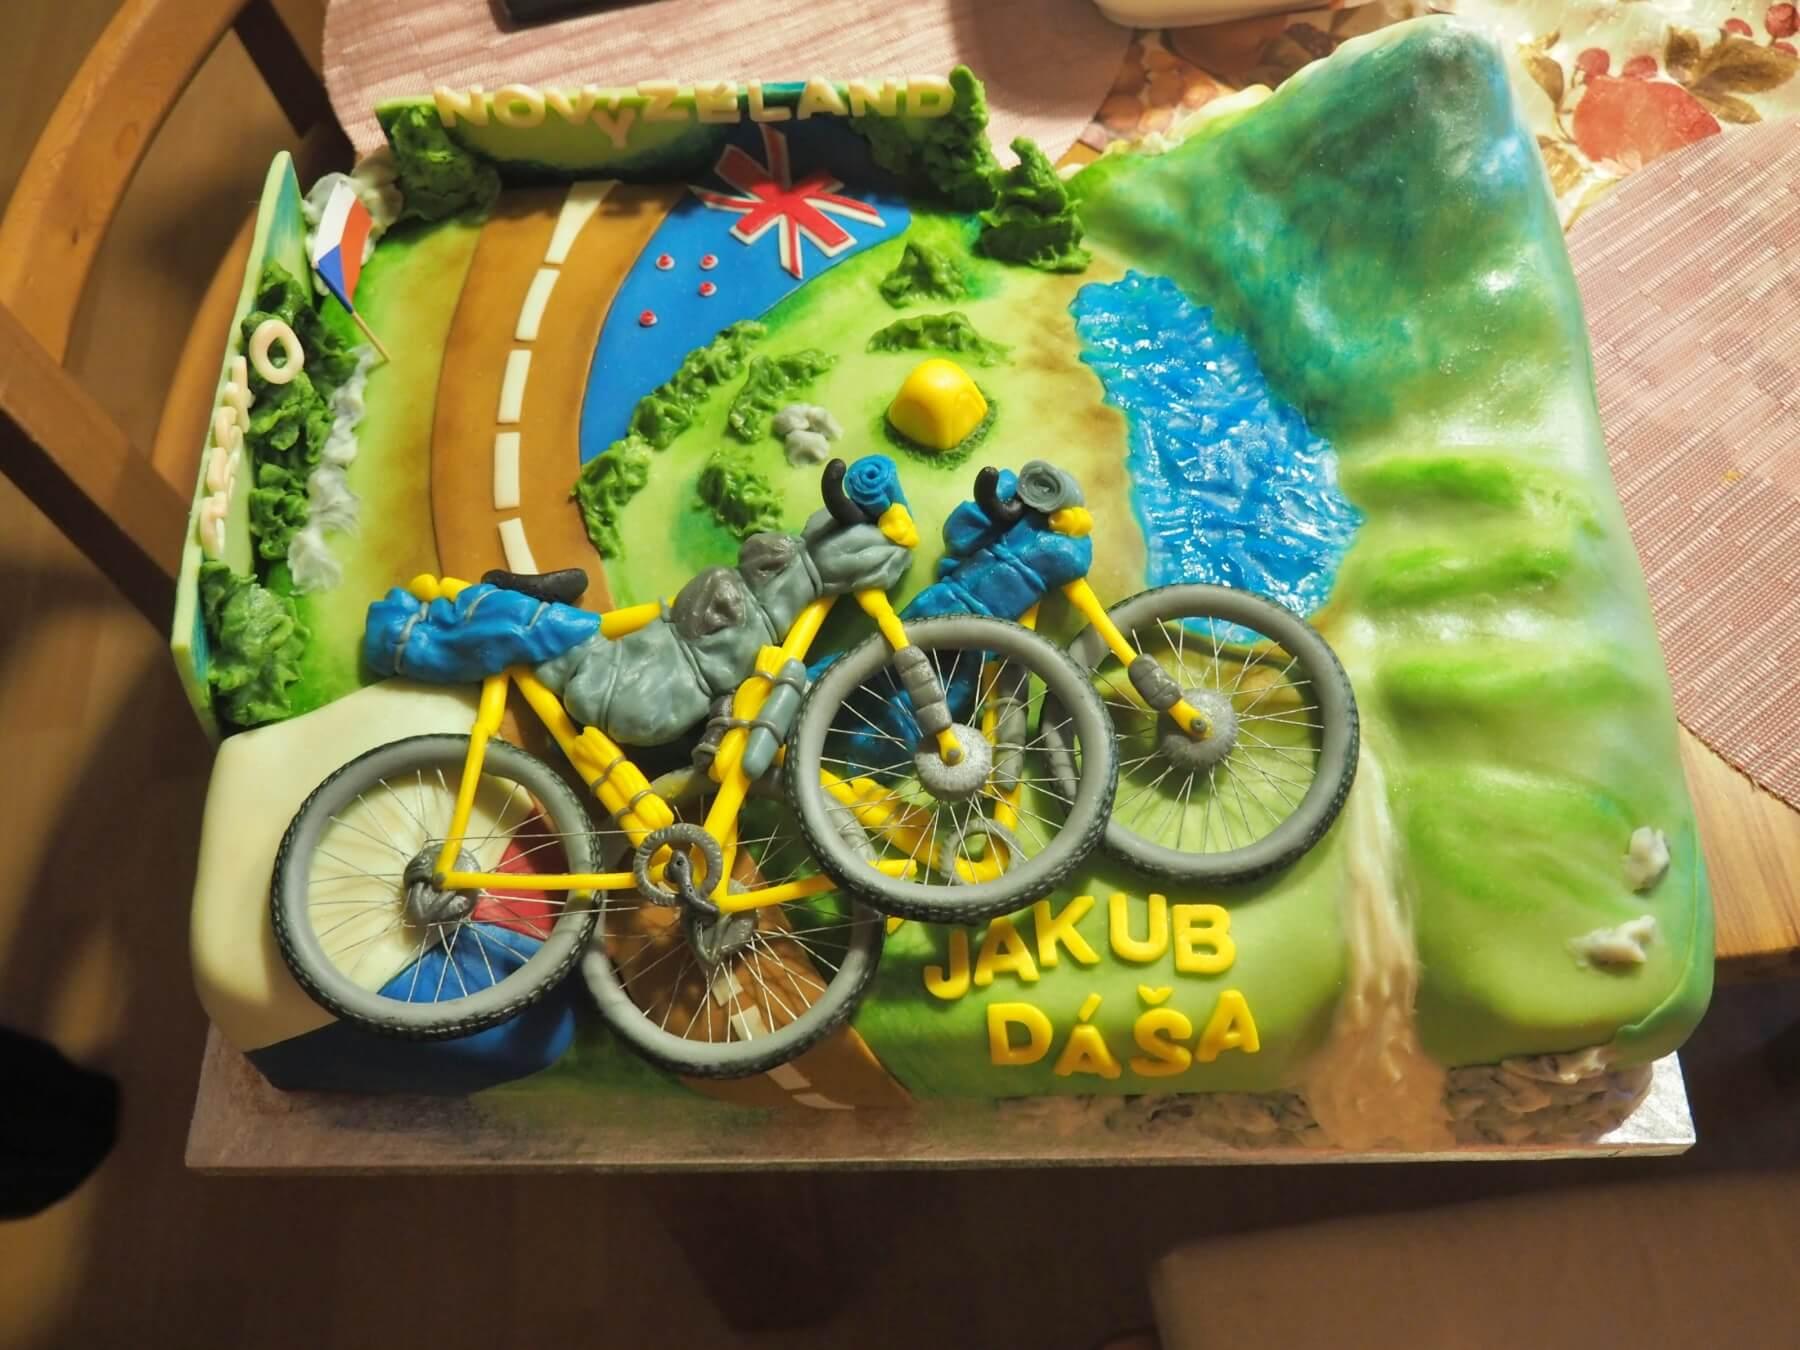 Překvapení: dort s našimi koly.